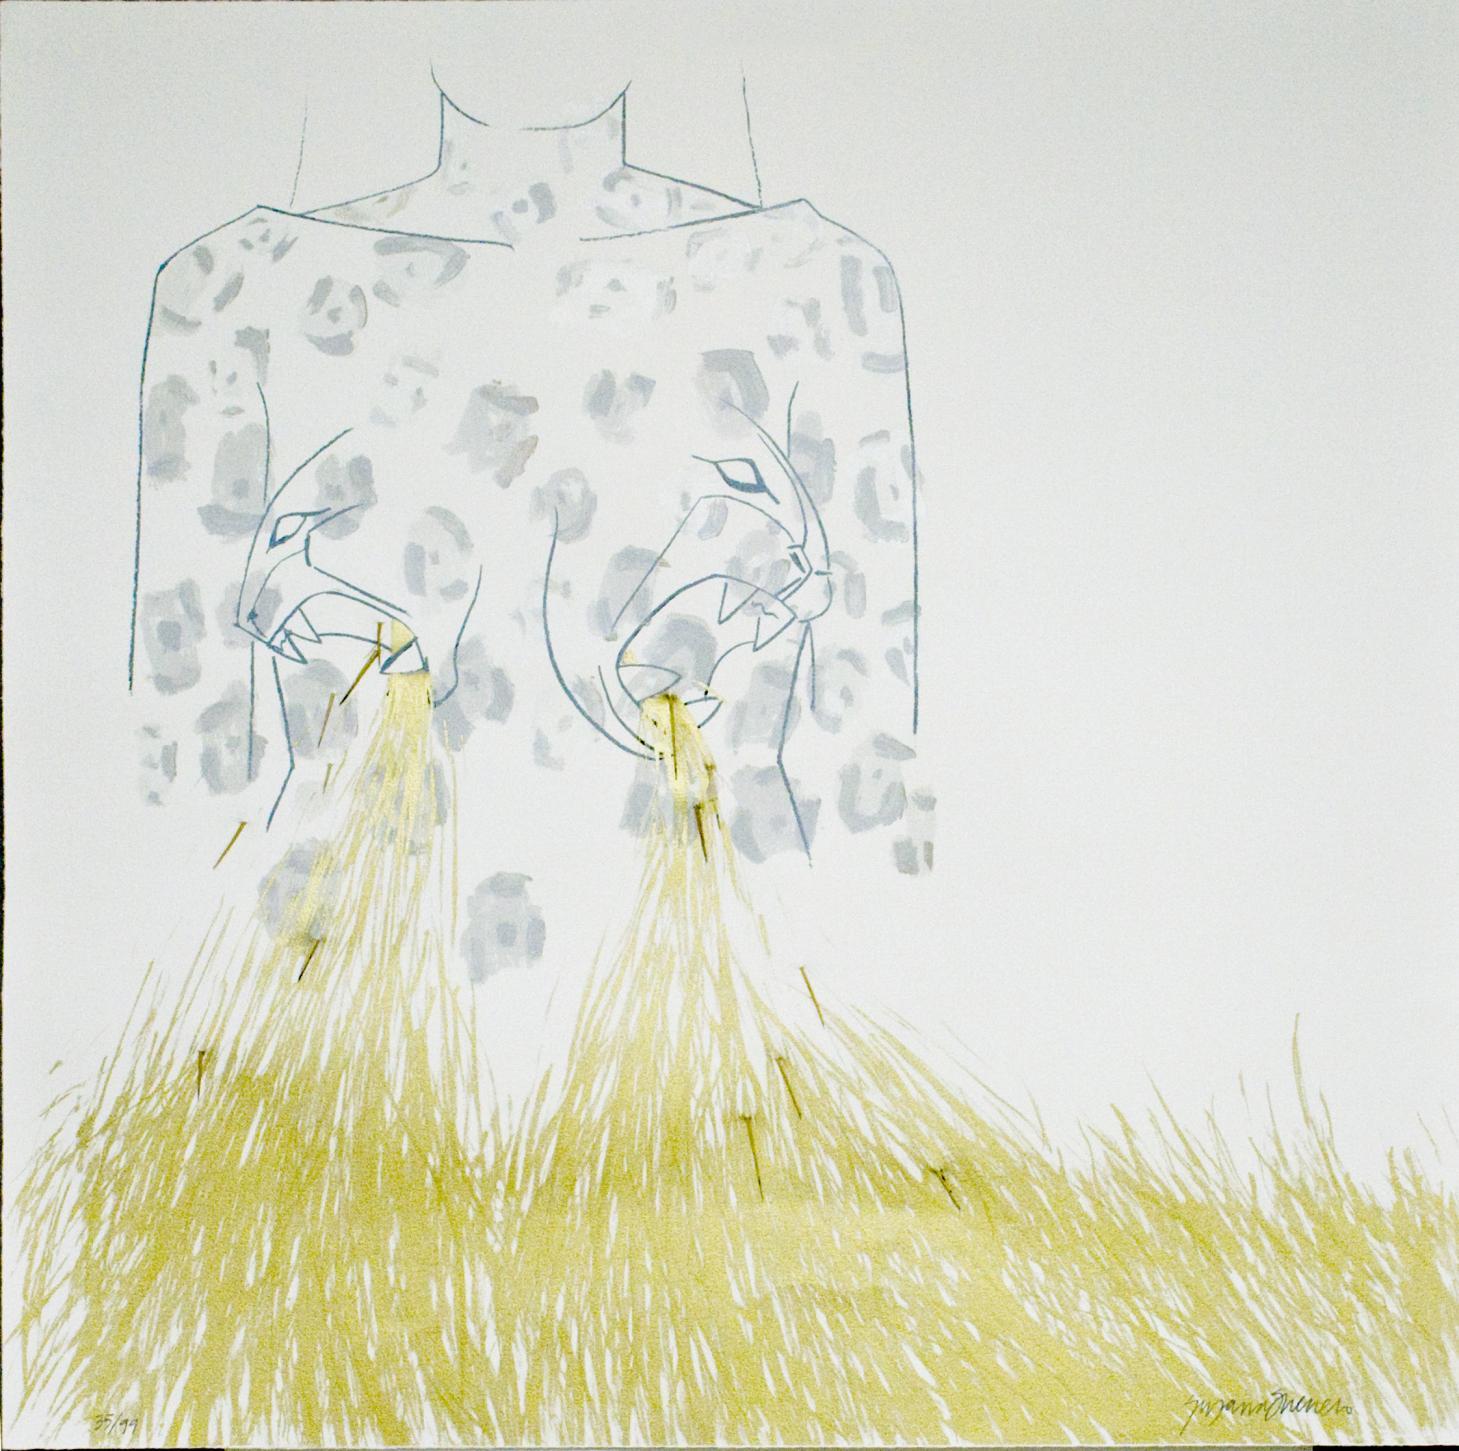 Fuente de mieles (2005) - Susana Guerrero